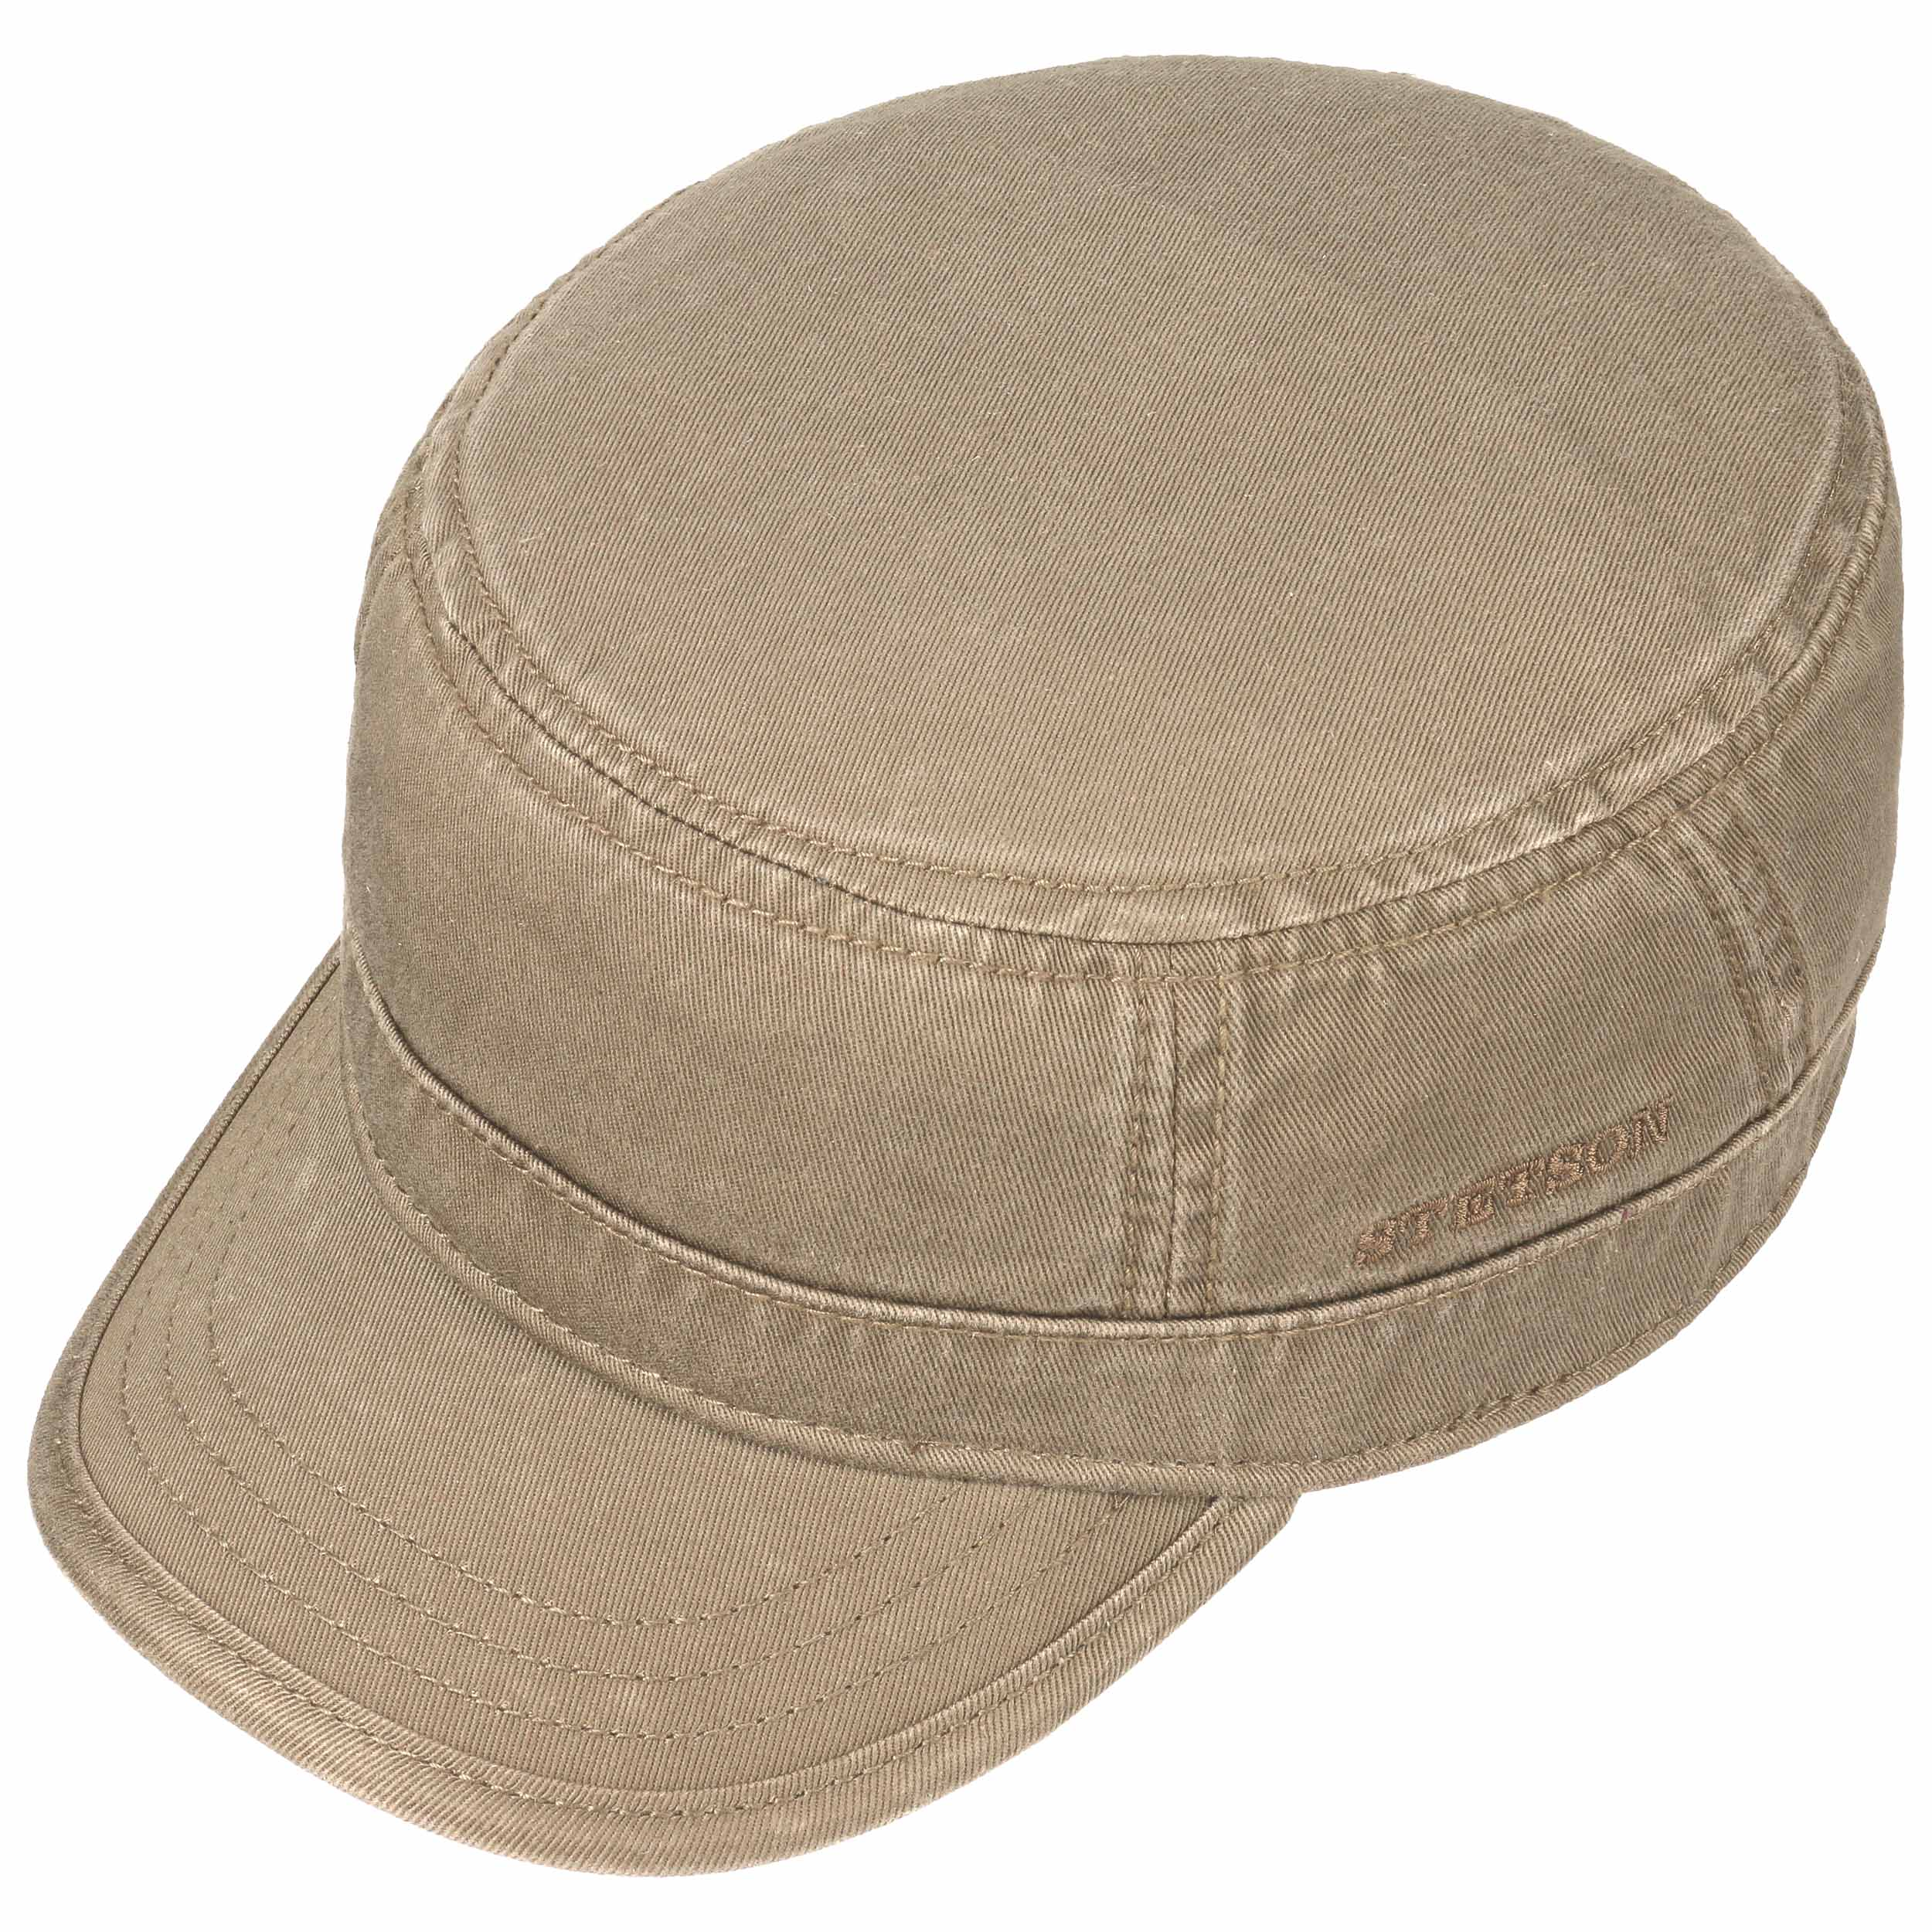 Gorra Militar Gosper Urban by Stetson - Gorras - sombreroshop.es d0c4d263022